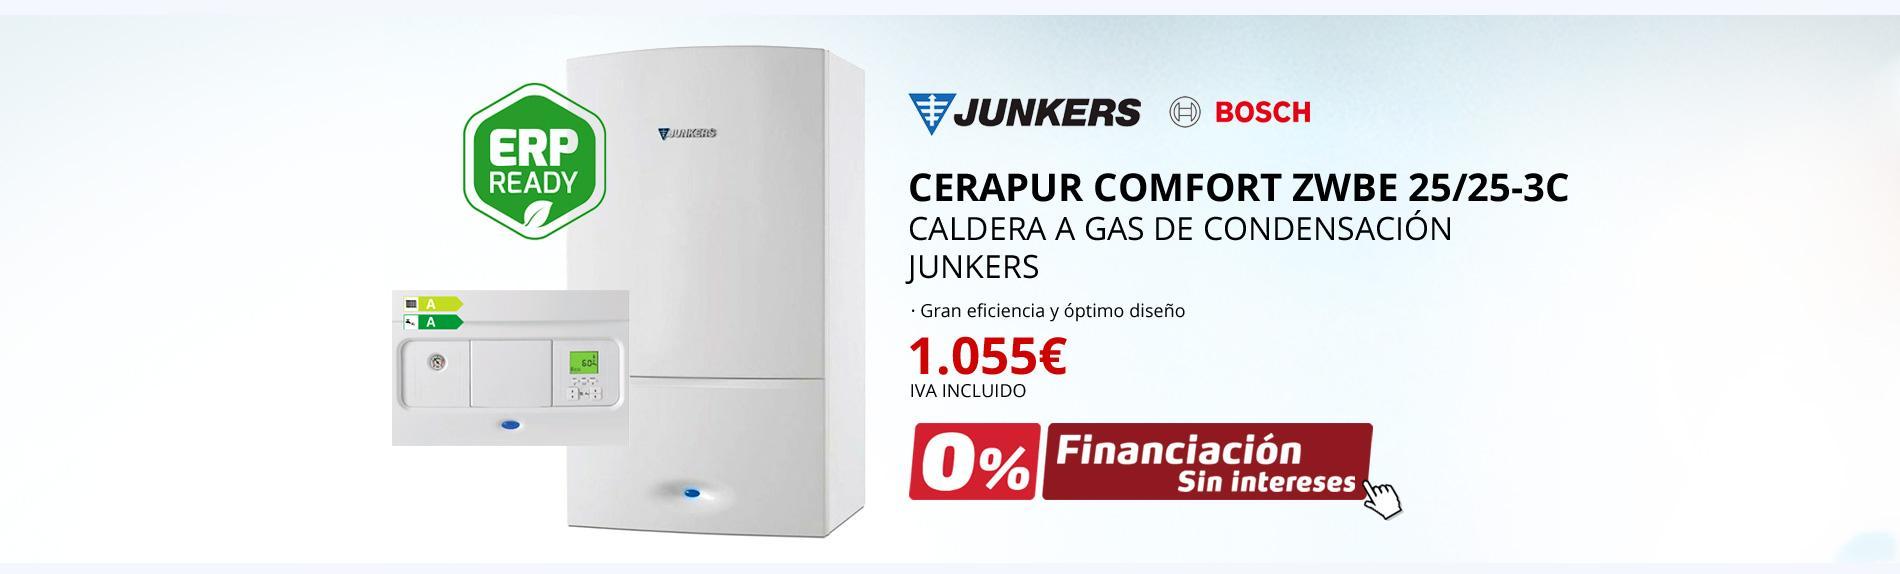 Cerapur Comfort ZWBE 25/25-3C - Caldera a gas de condensación Junkers